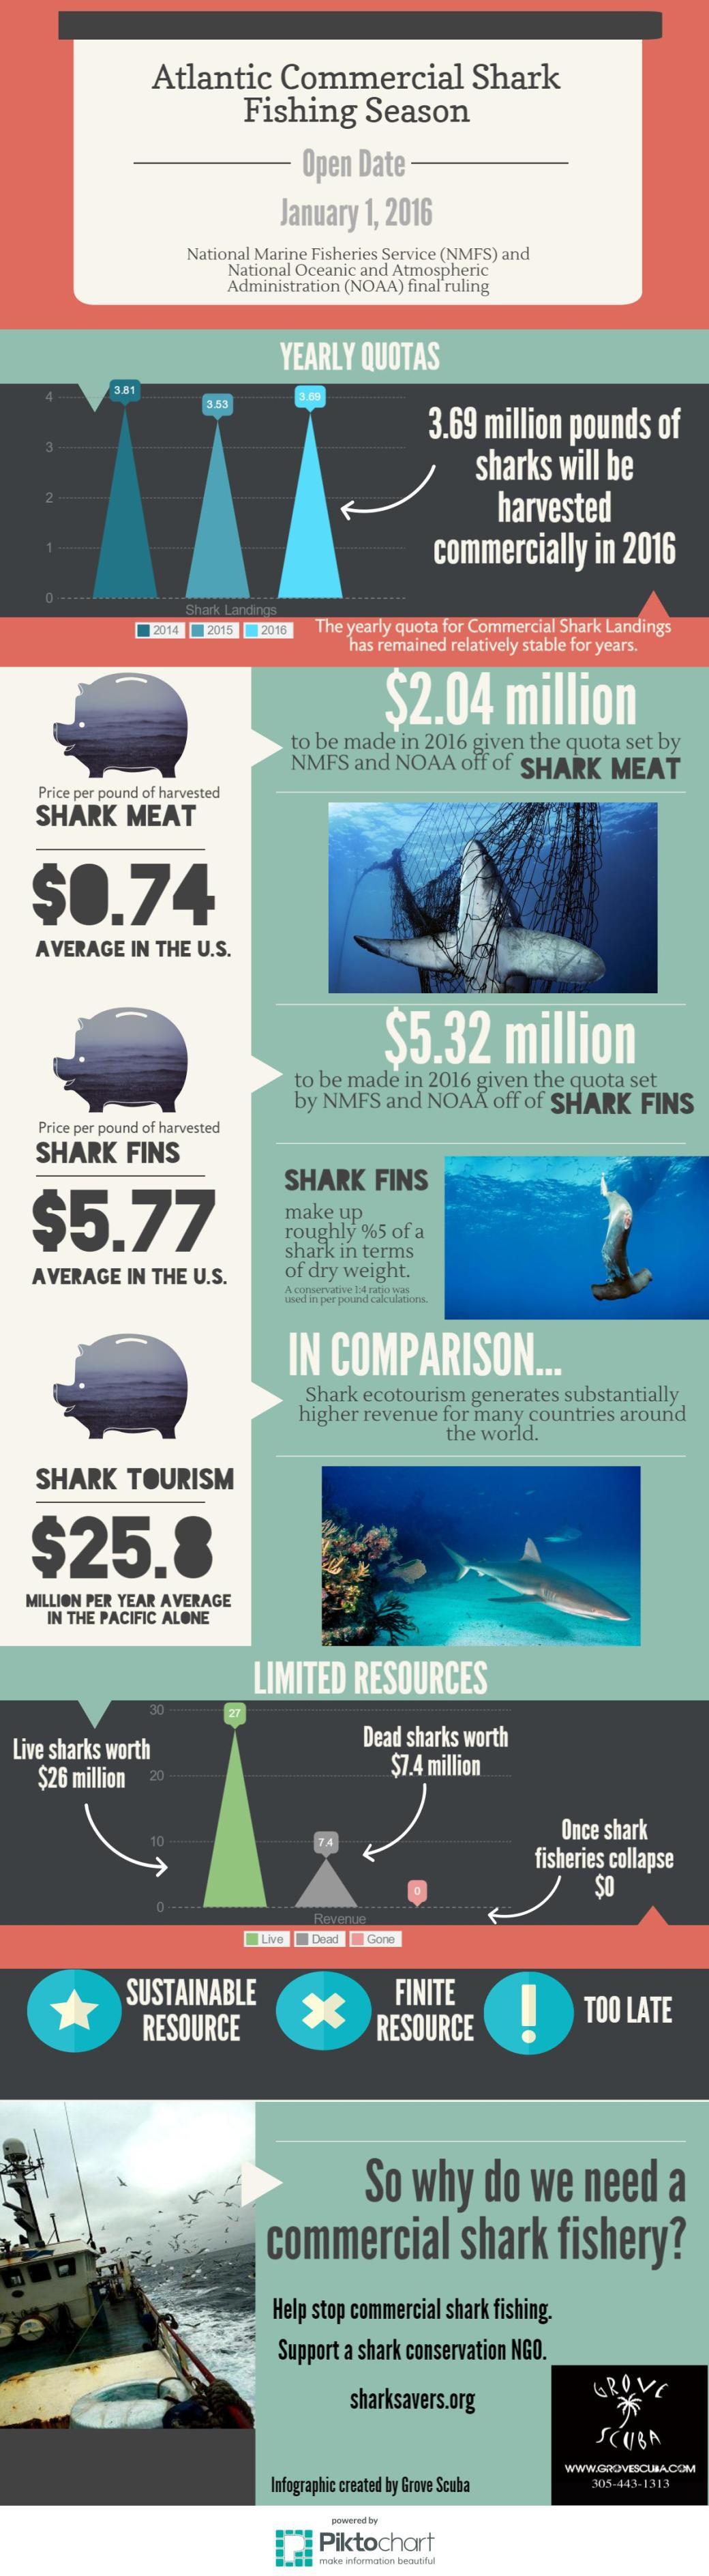 Atlantic Shark Fishing